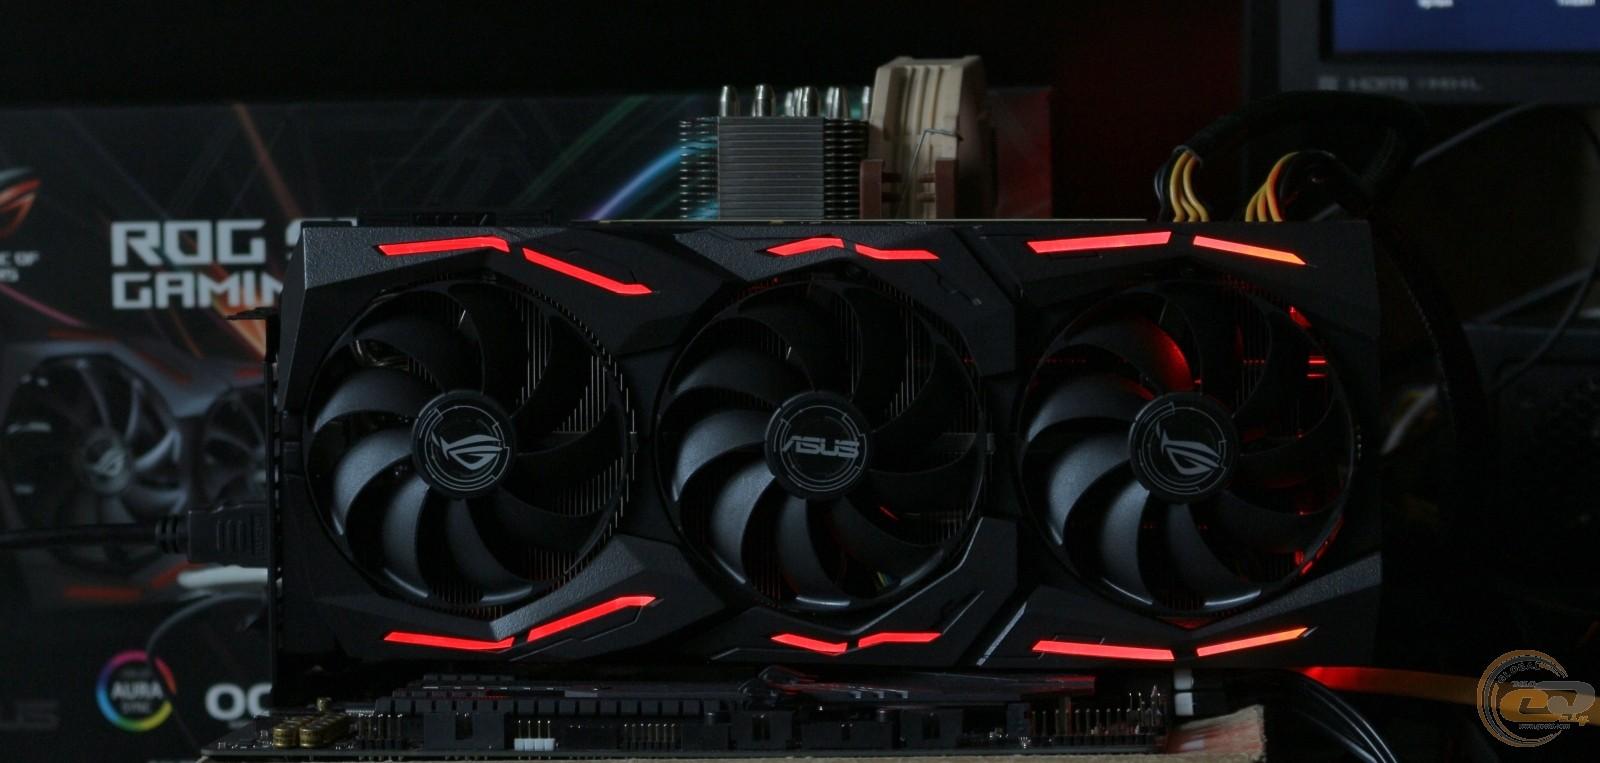 Обзор и тестирование видеокарты ASUS ROG Strix GeForce RTX